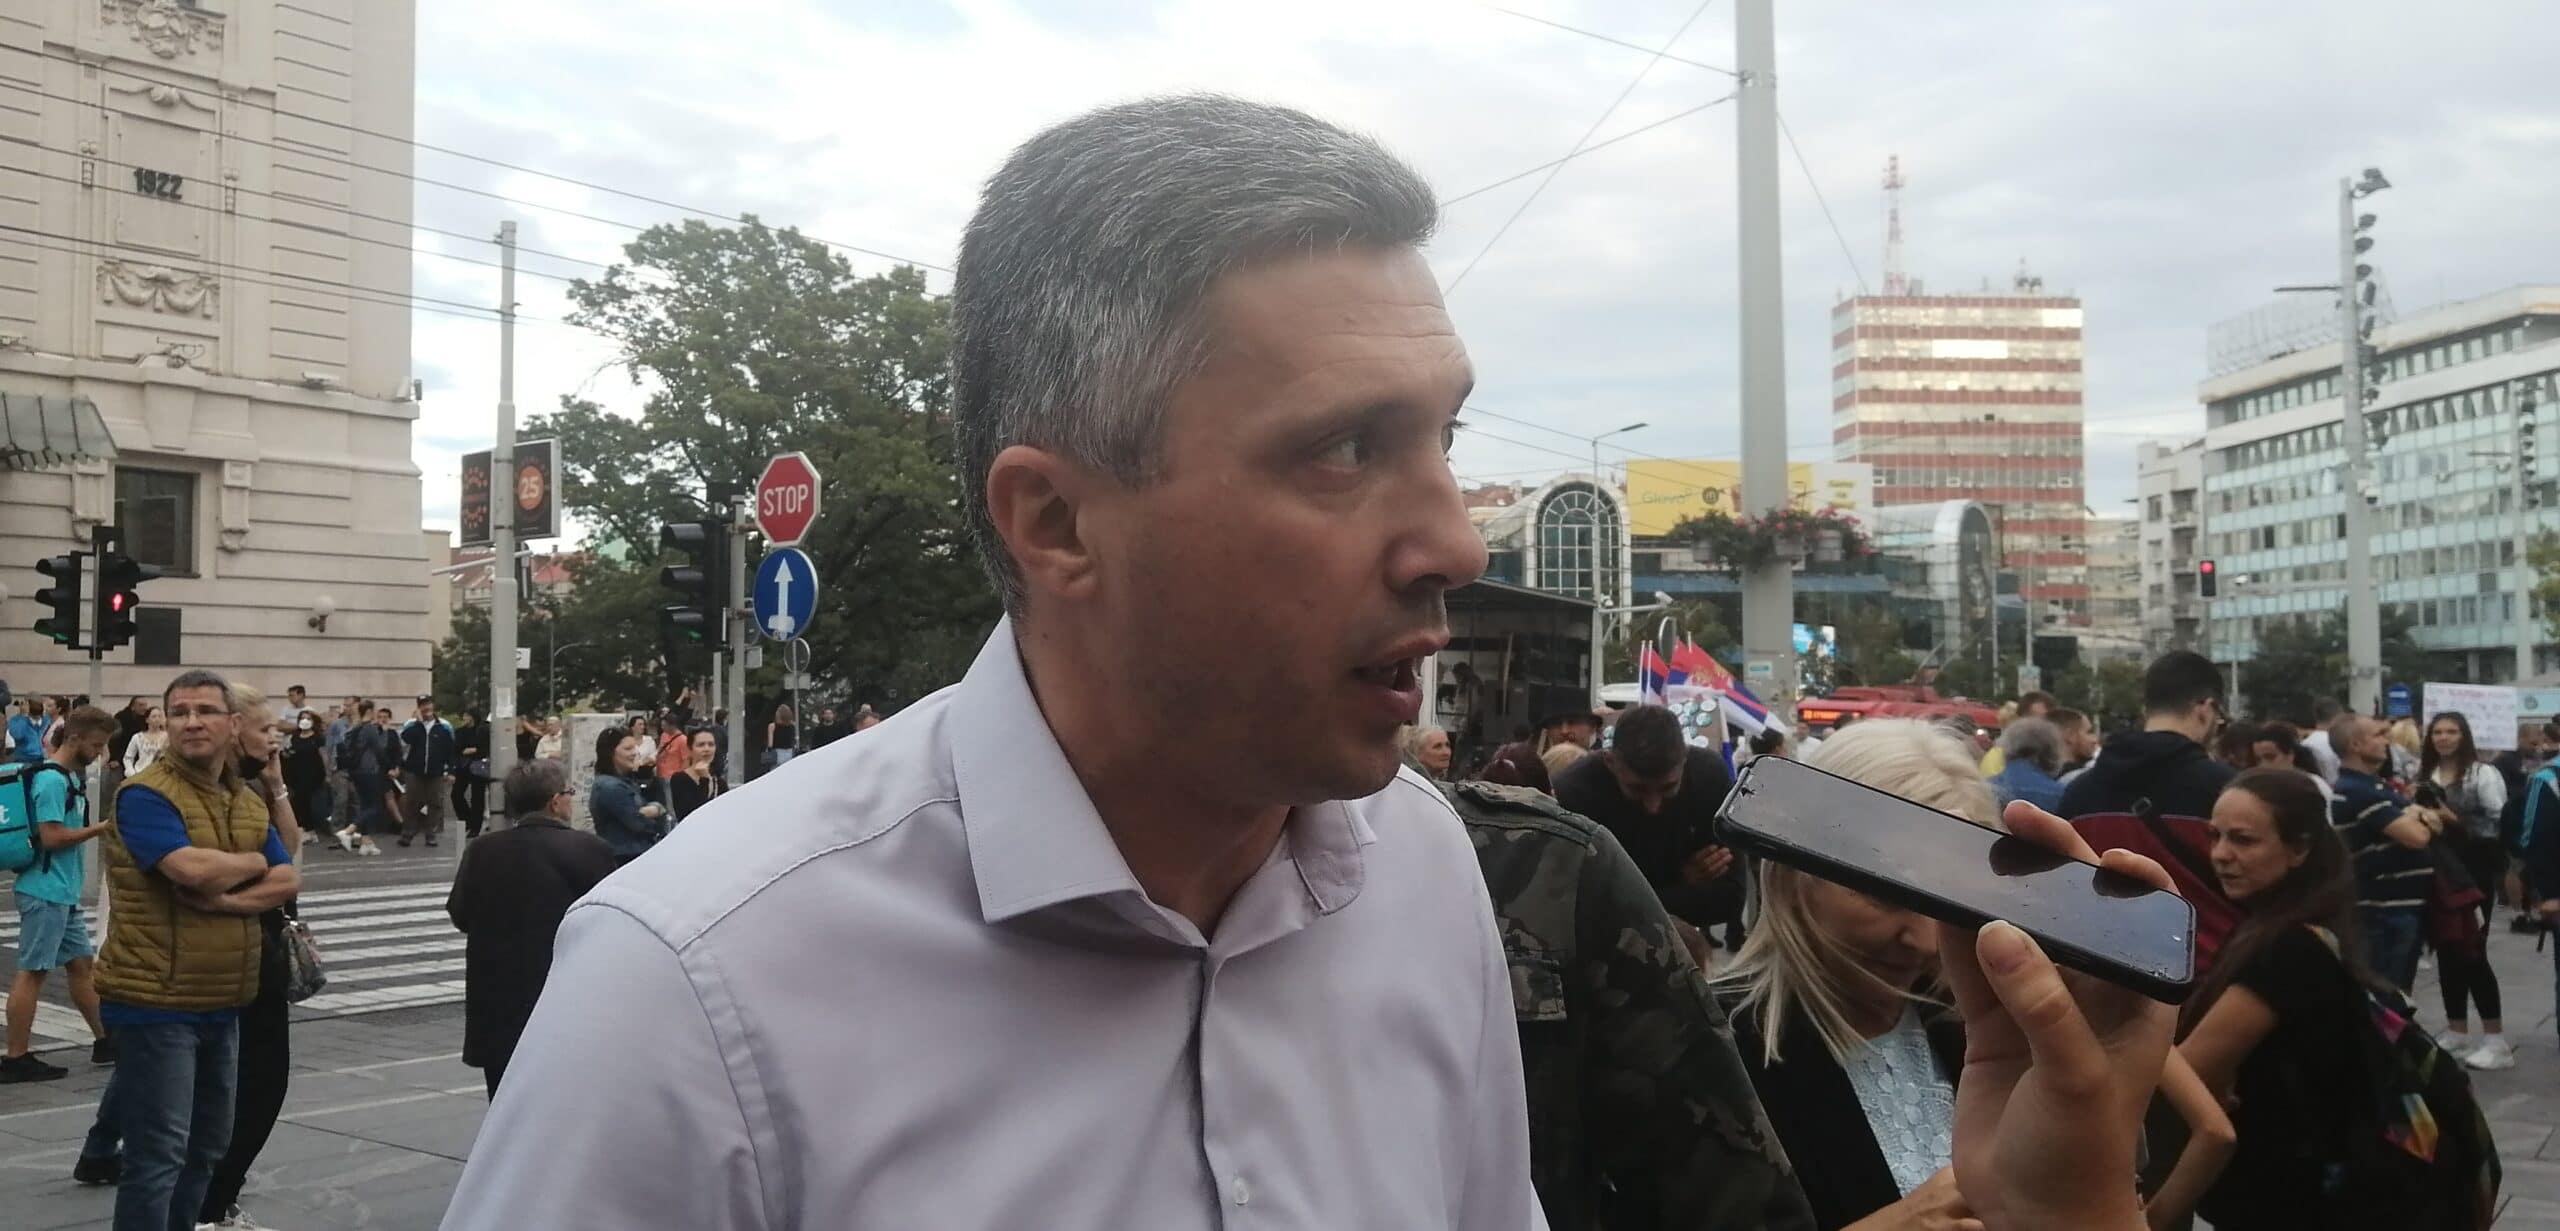 Antiglobalistički skup u Beogradu: Protiv prisilne vakcinacije i propusnica 2